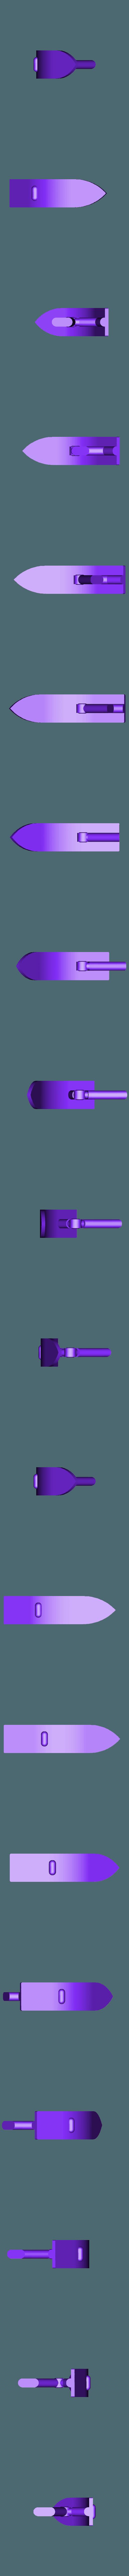 Liberator_v2_Leg.stl Télécharger fichier STL gratuit Libérateur [Fallout 76] • Modèle imprimable en 3D, Piggie